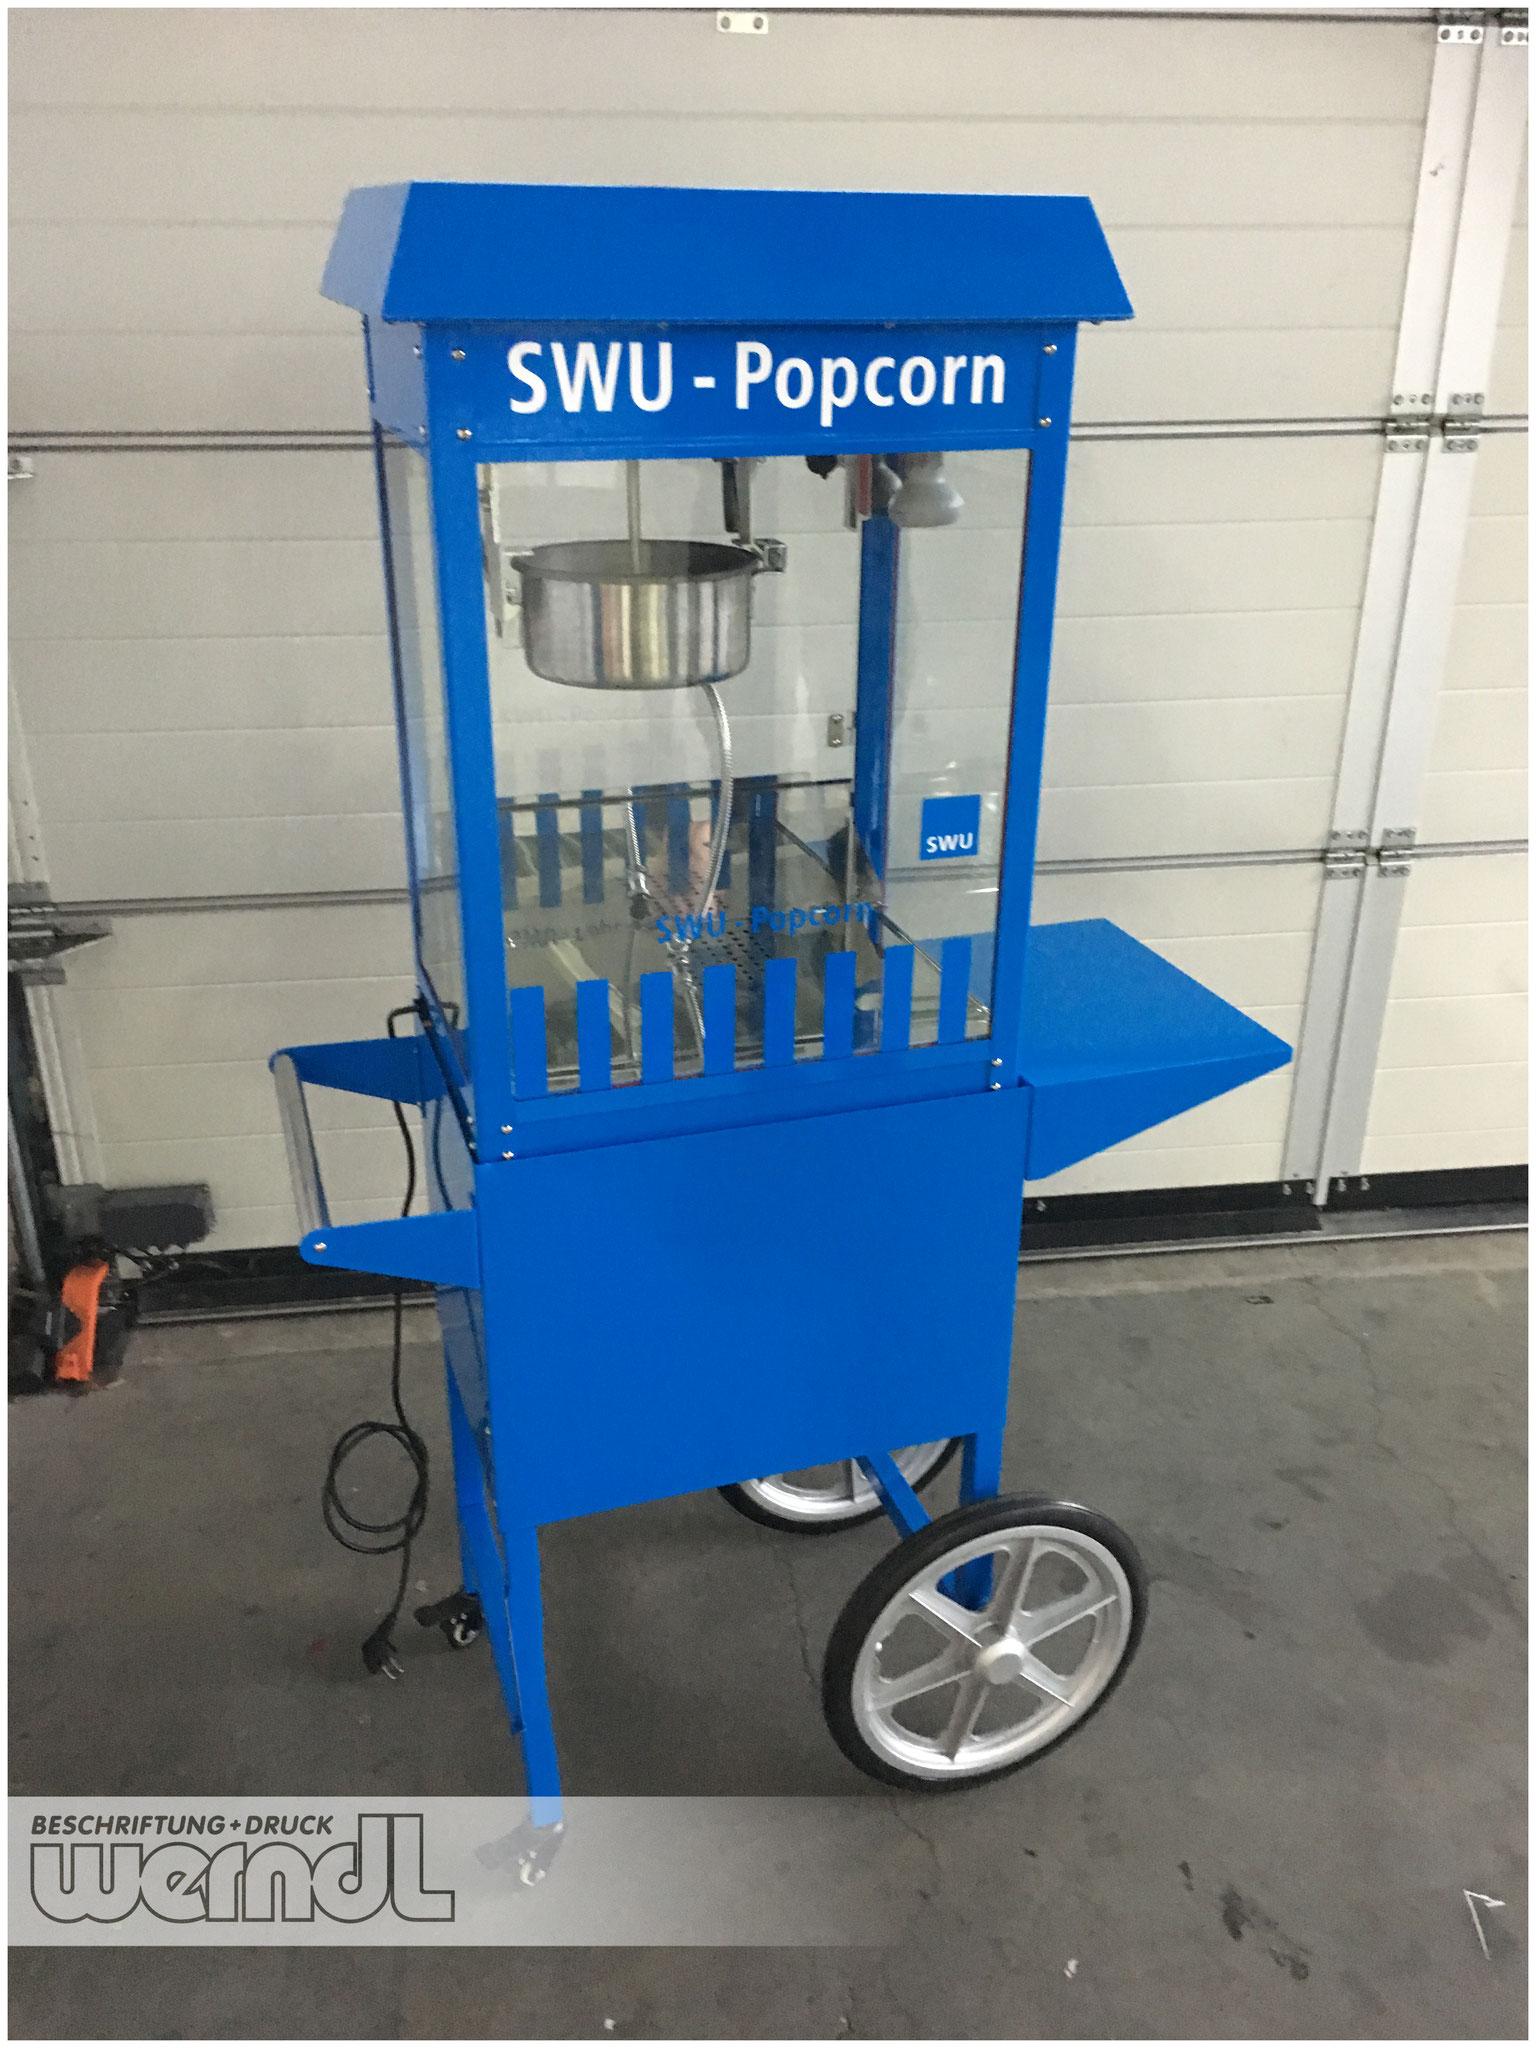 Zwei Räder - also auch ein Fahrzeug ;) - Folierung einer Popcornmaschine für die SWU - Basisfarbe war Rot.